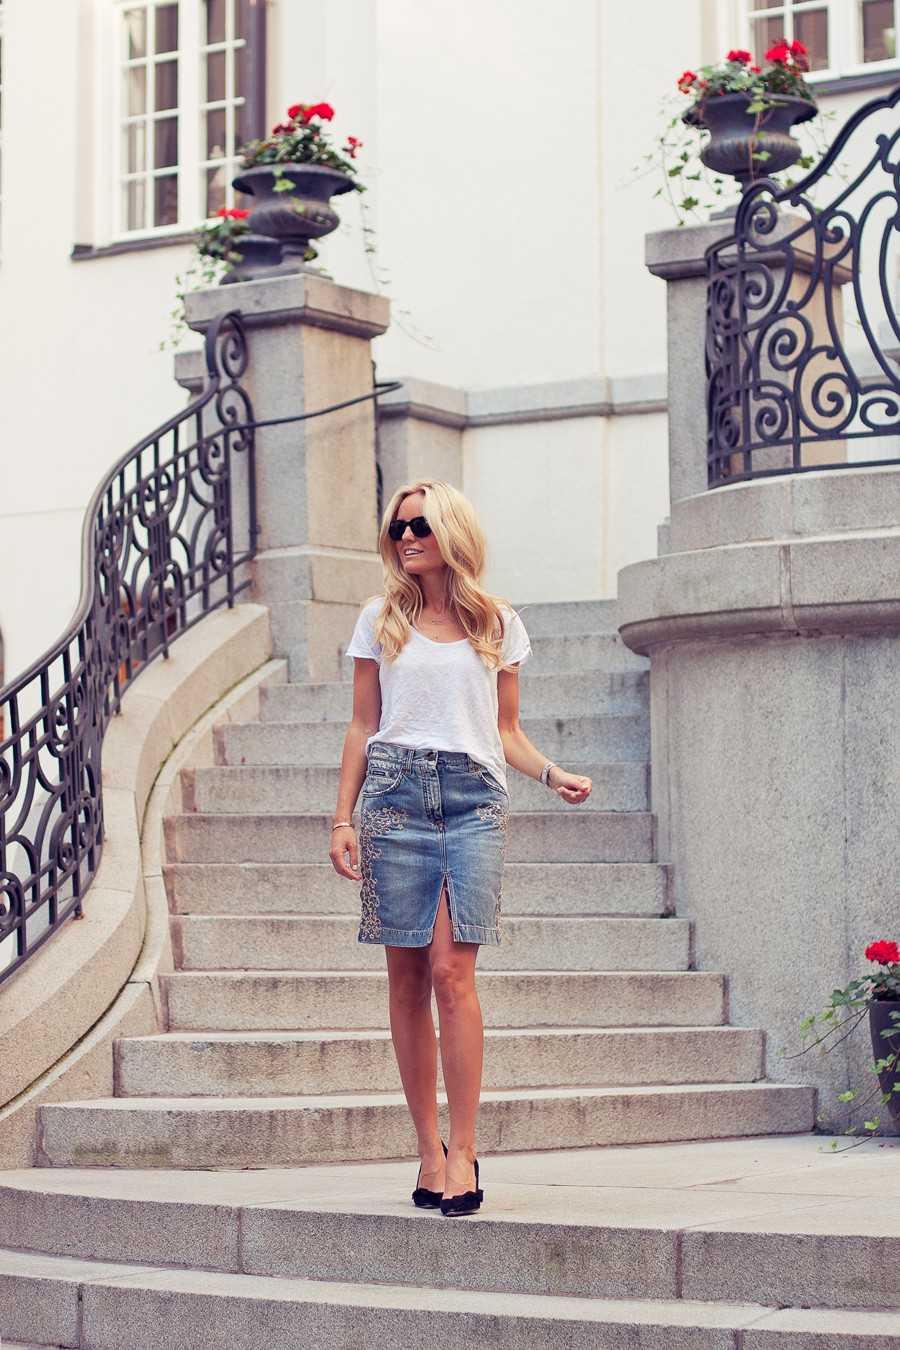 T-shirt - Zara, Kjol - Dolce & Gabbana, Pumps - Isabel Marant, Foto: Ramispics.